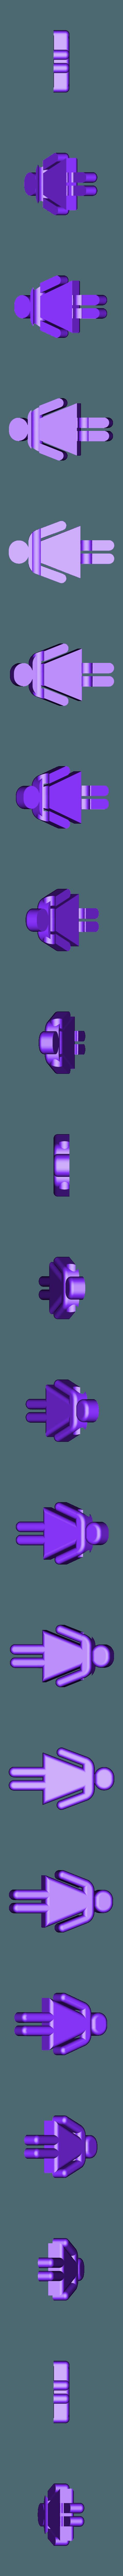 toilet_person_B.stl Télécharger fichier STL gratuit Échelle Peg Toy 3000: Codename Overkill • Modèle imprimable en 3D, ecoiras